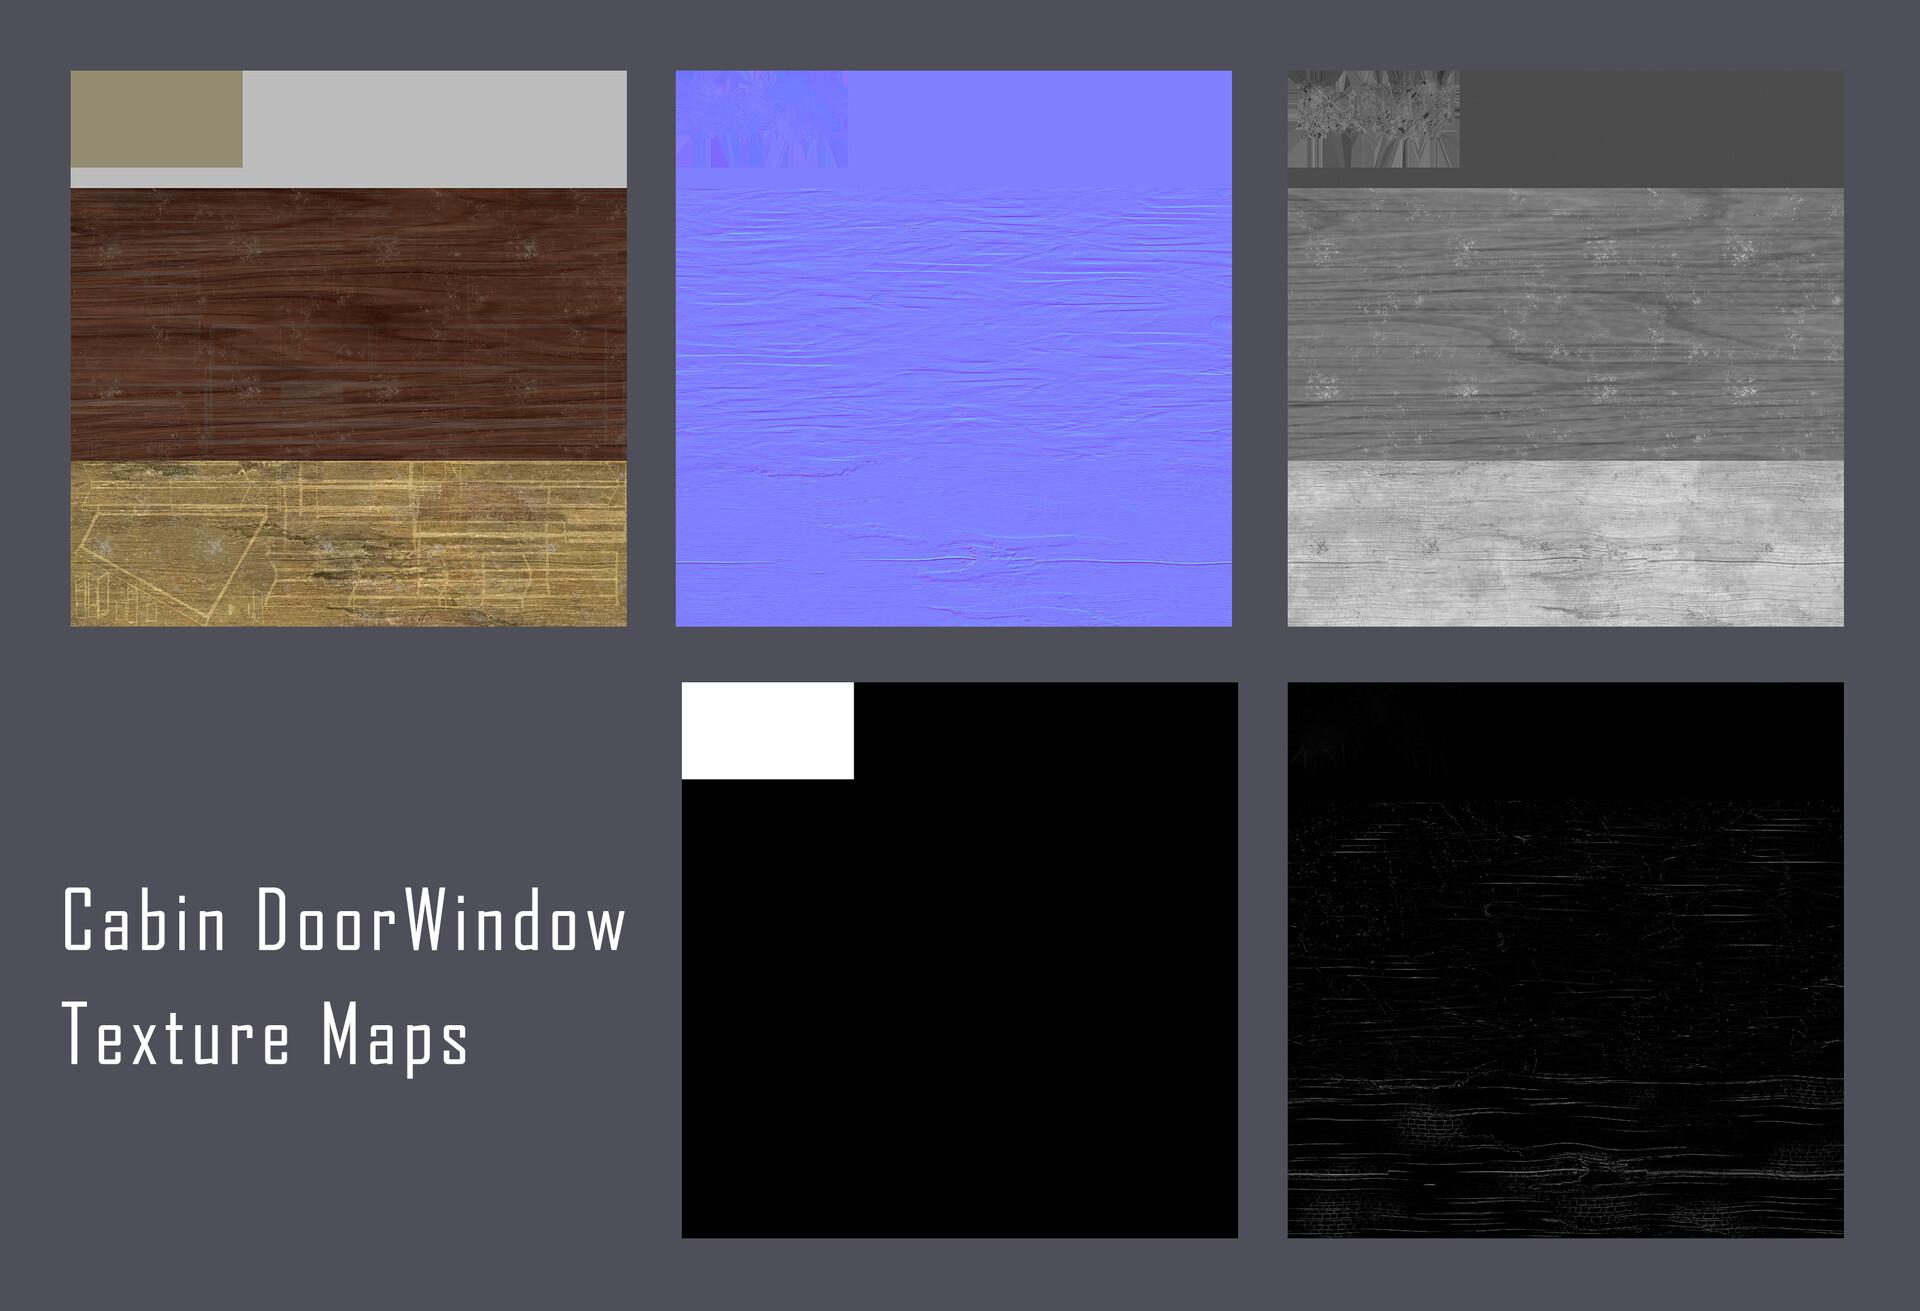 Sherif habashi t cabinwindowsdoors maps